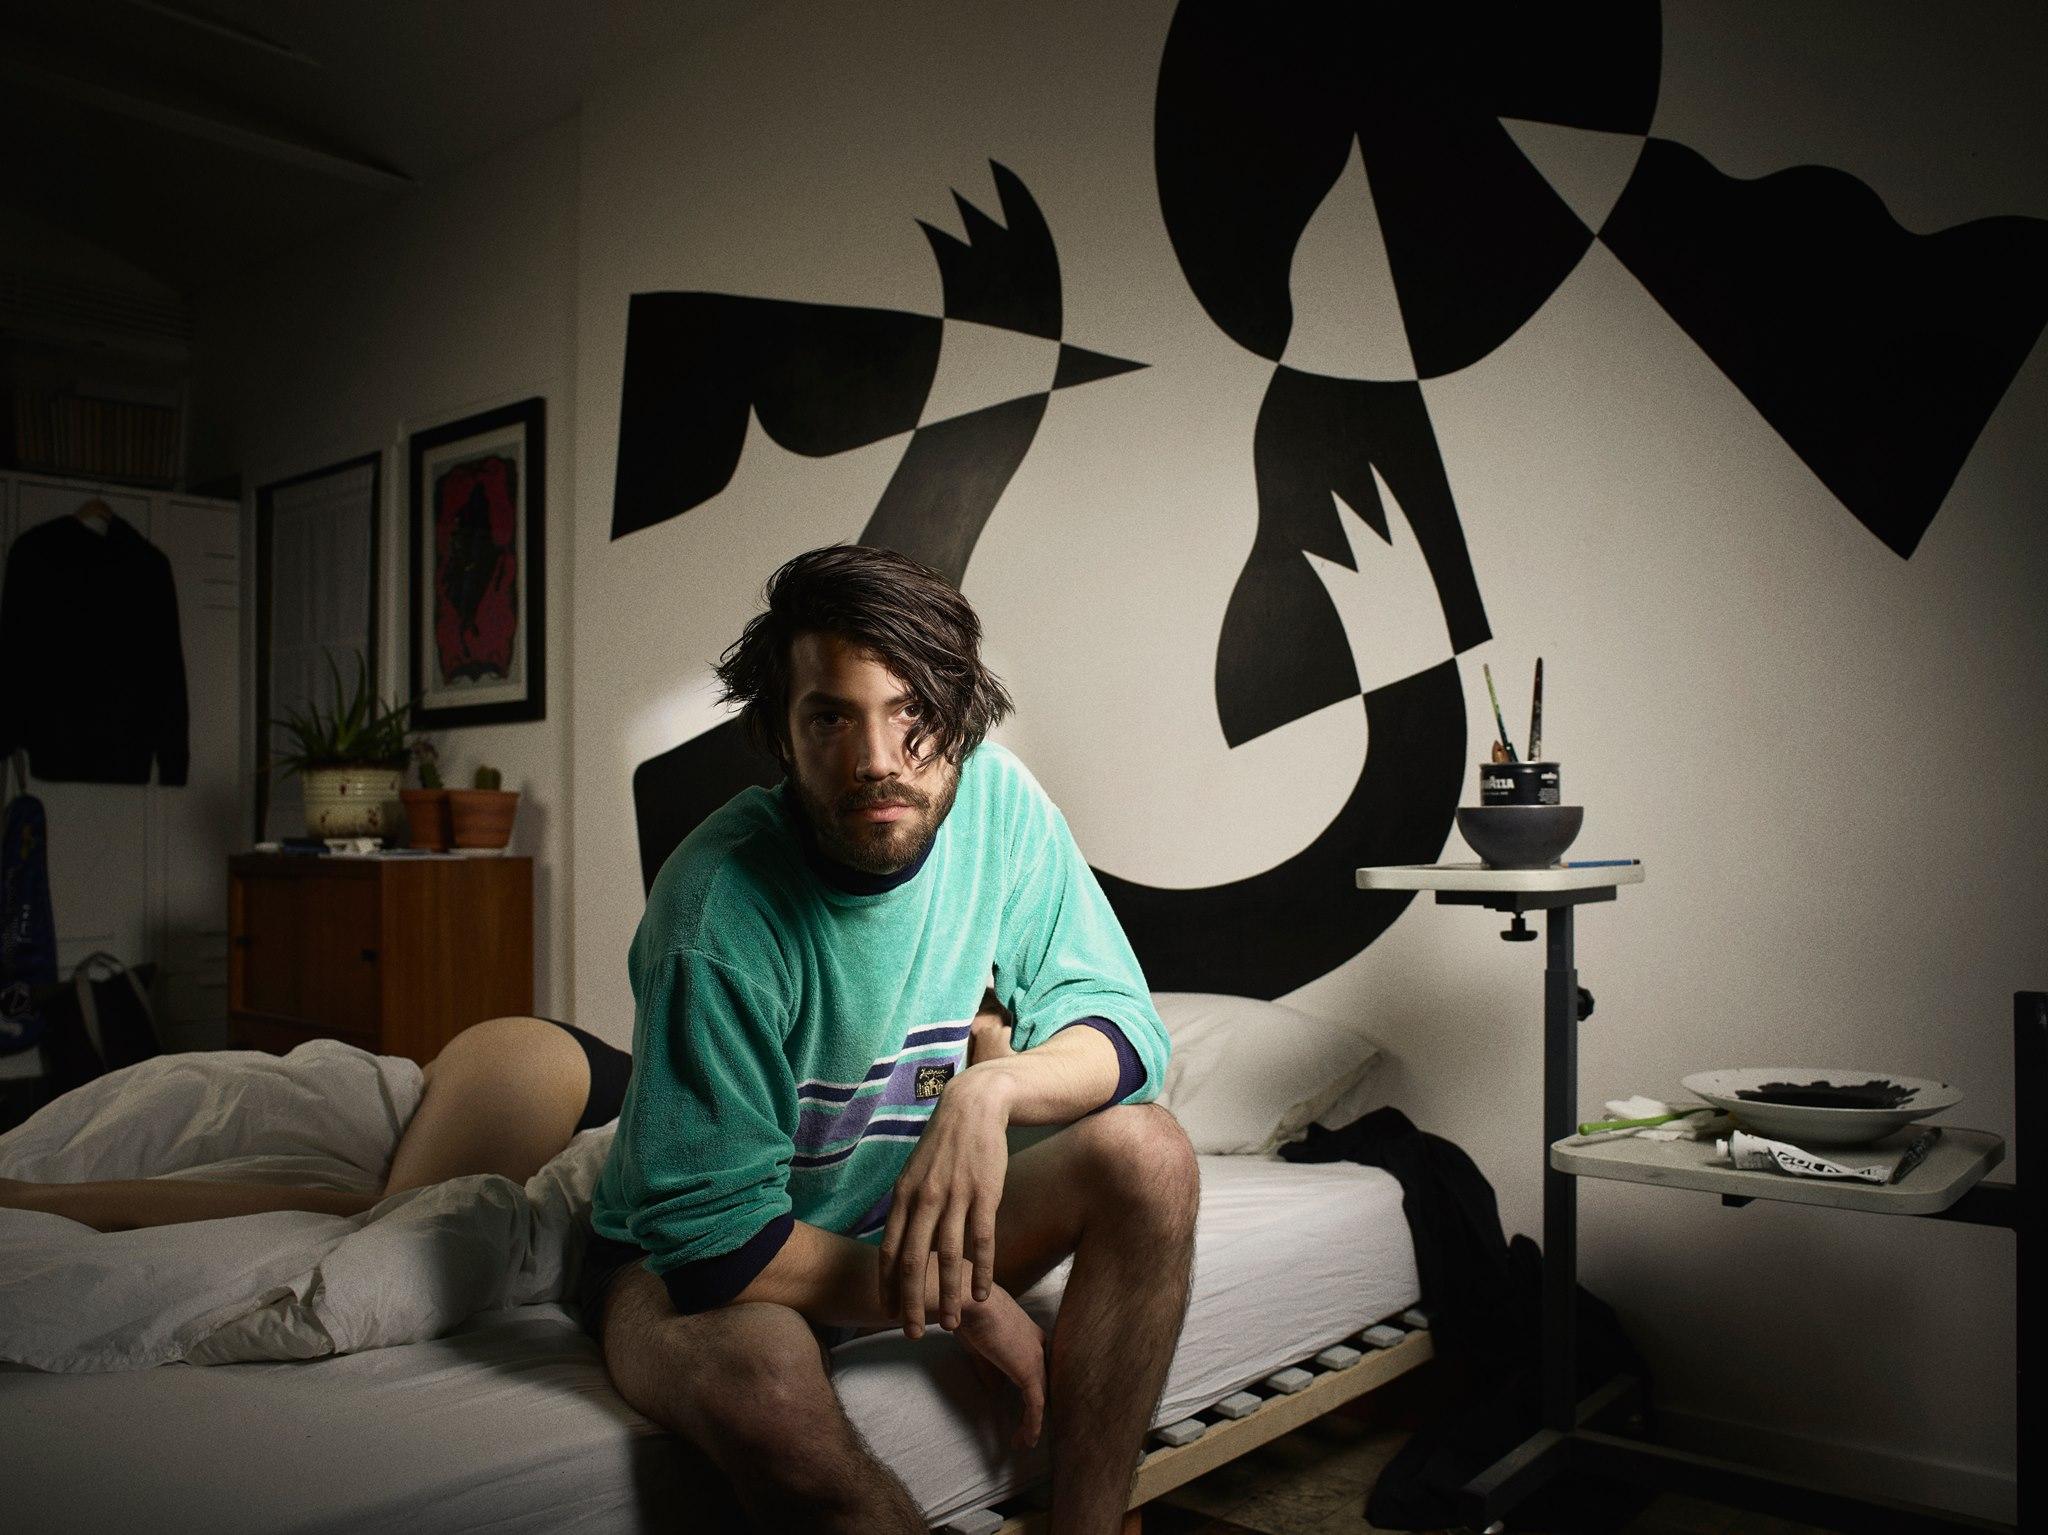 Der belgische Produzent Faces On TV schenkt psychedelischen Pop!